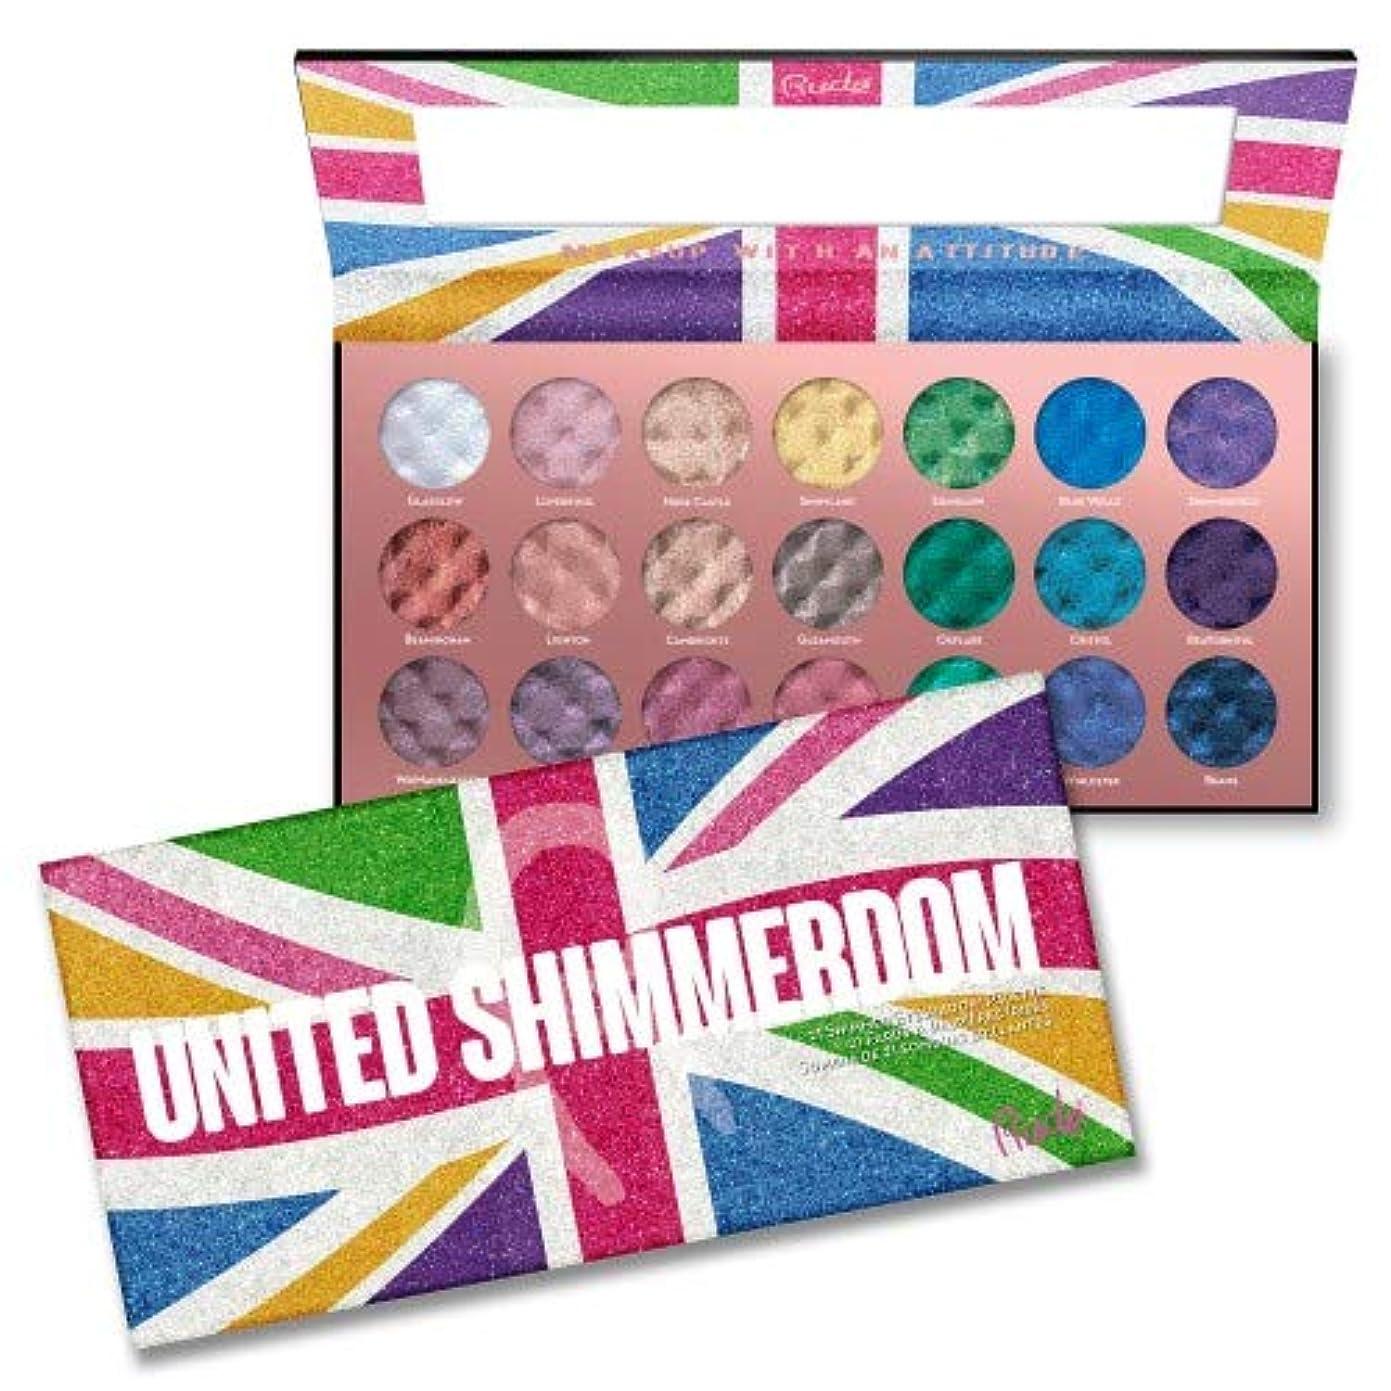 悪の腕おそらく(6 Pack) RUDE United Shimmerdom - 21 Shimmer Eyeshadow Palette (並行輸入品)